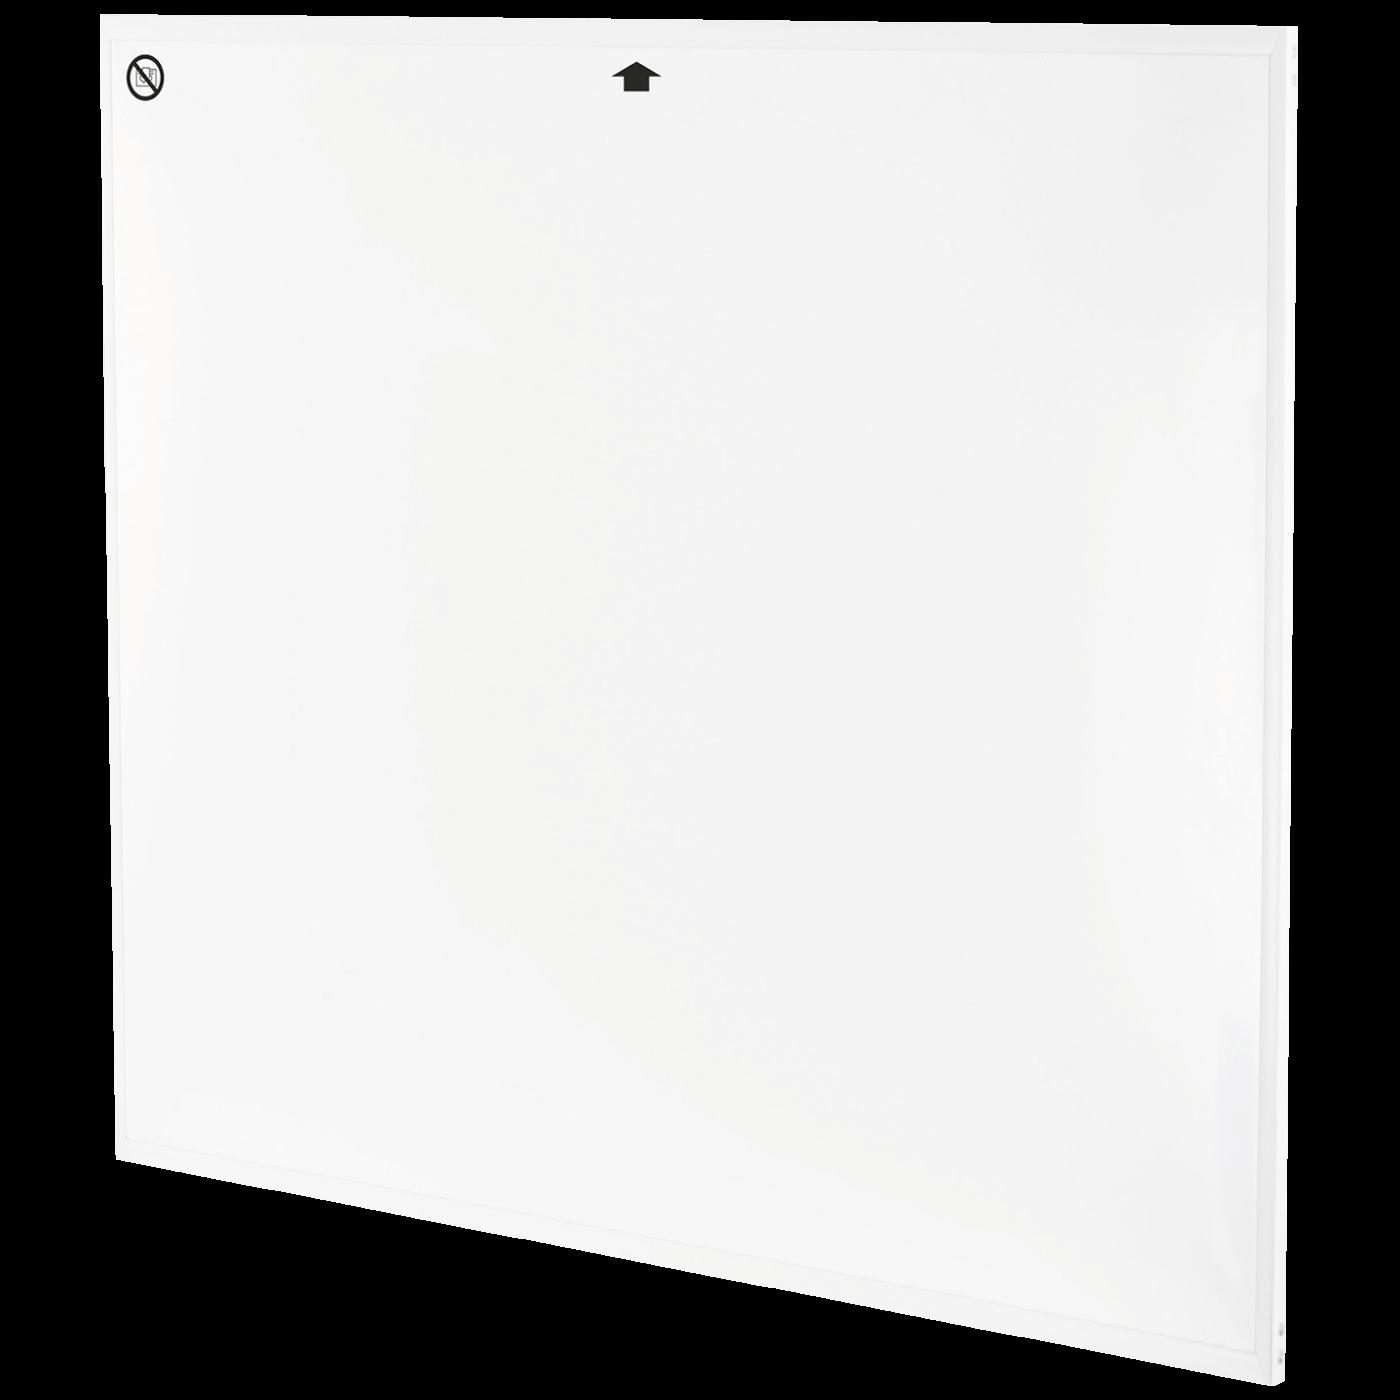 Panel električna grijalica, zidna, smart, 350 W, WiFi